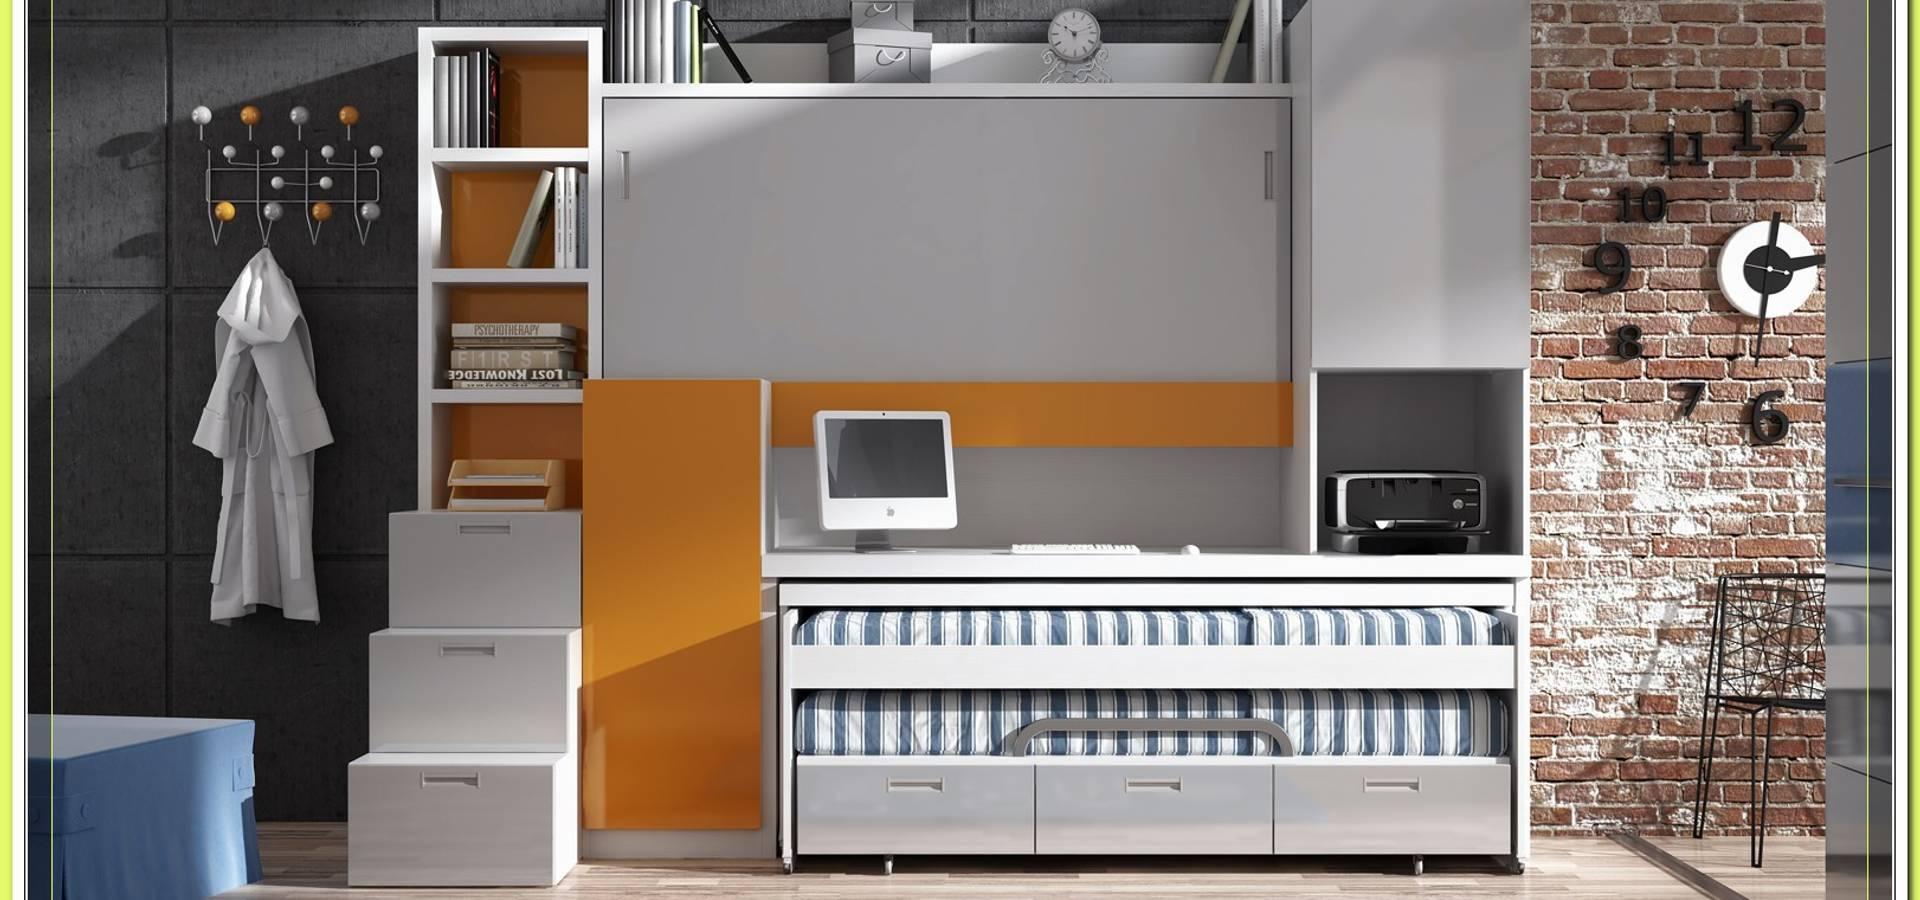 Muebles parchis dormitorios juveniles muebles y for Muebles para habitaciones juveniles